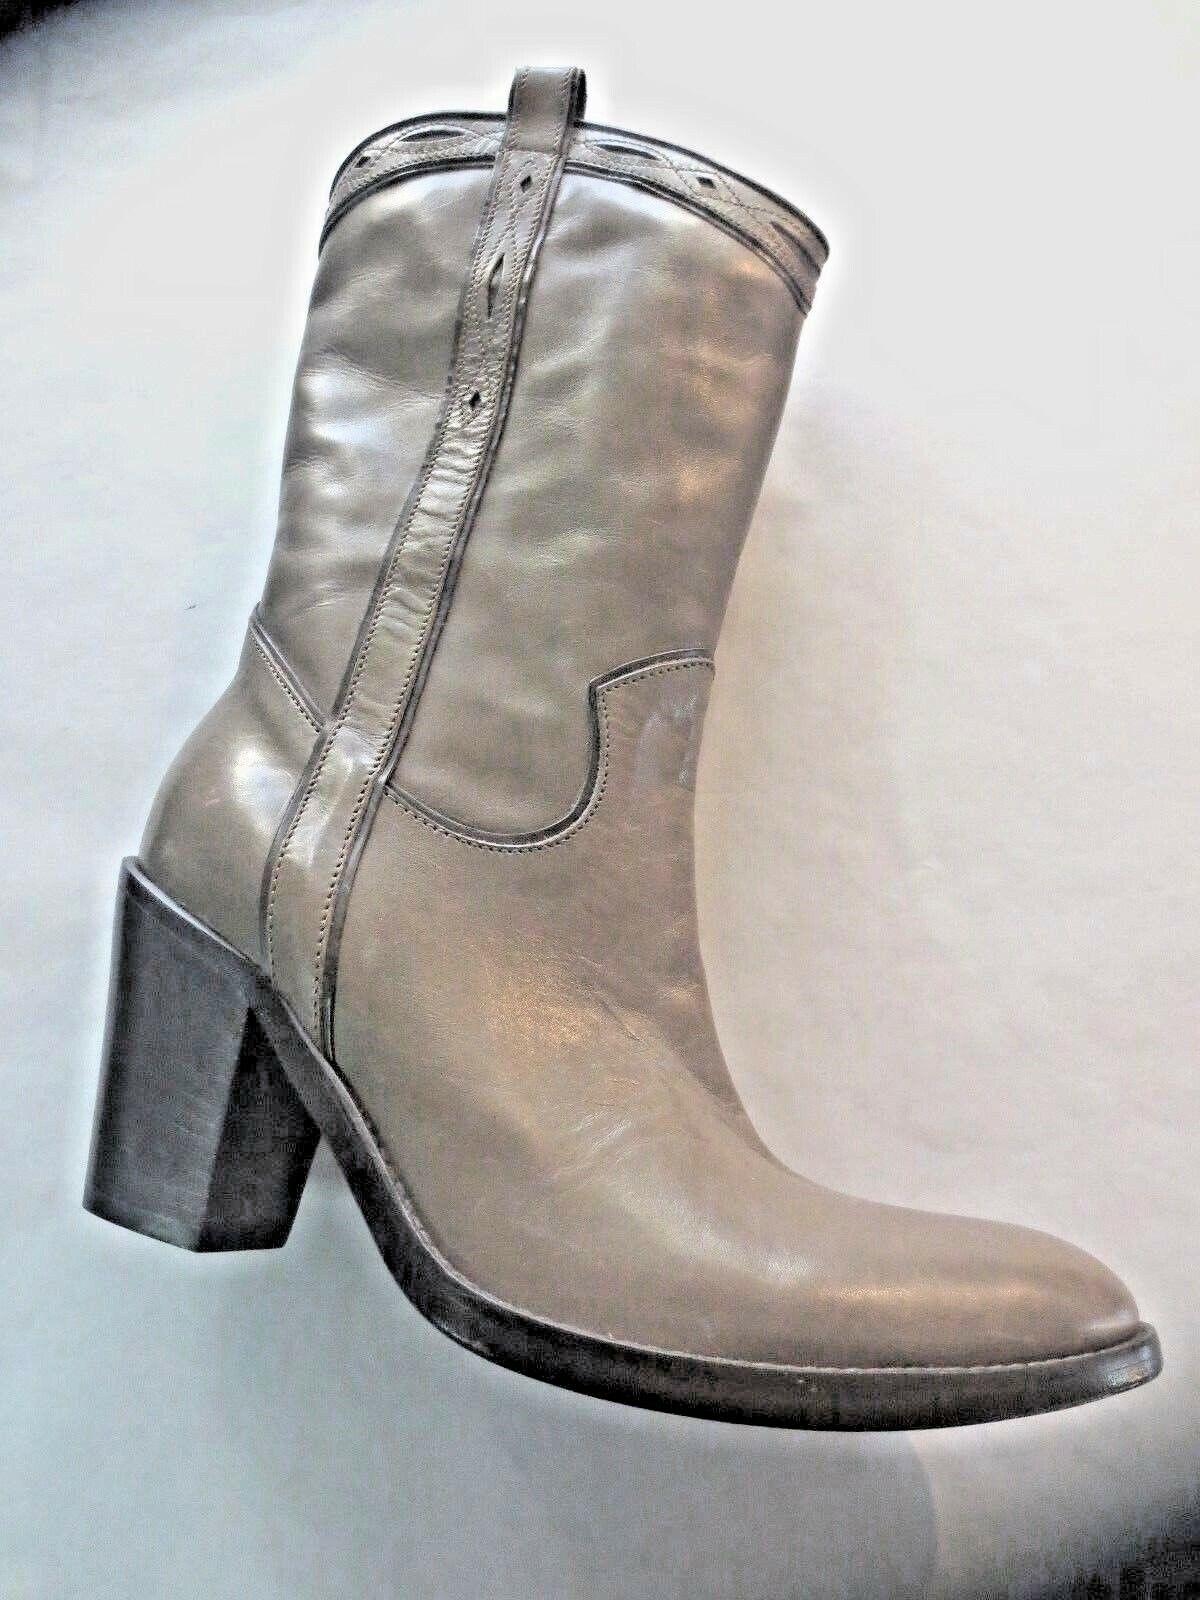 FRU.IT Cowboystiefel neu Leder fango Absatz 8cm Wert 320E Schuhgrößen 35.5,37